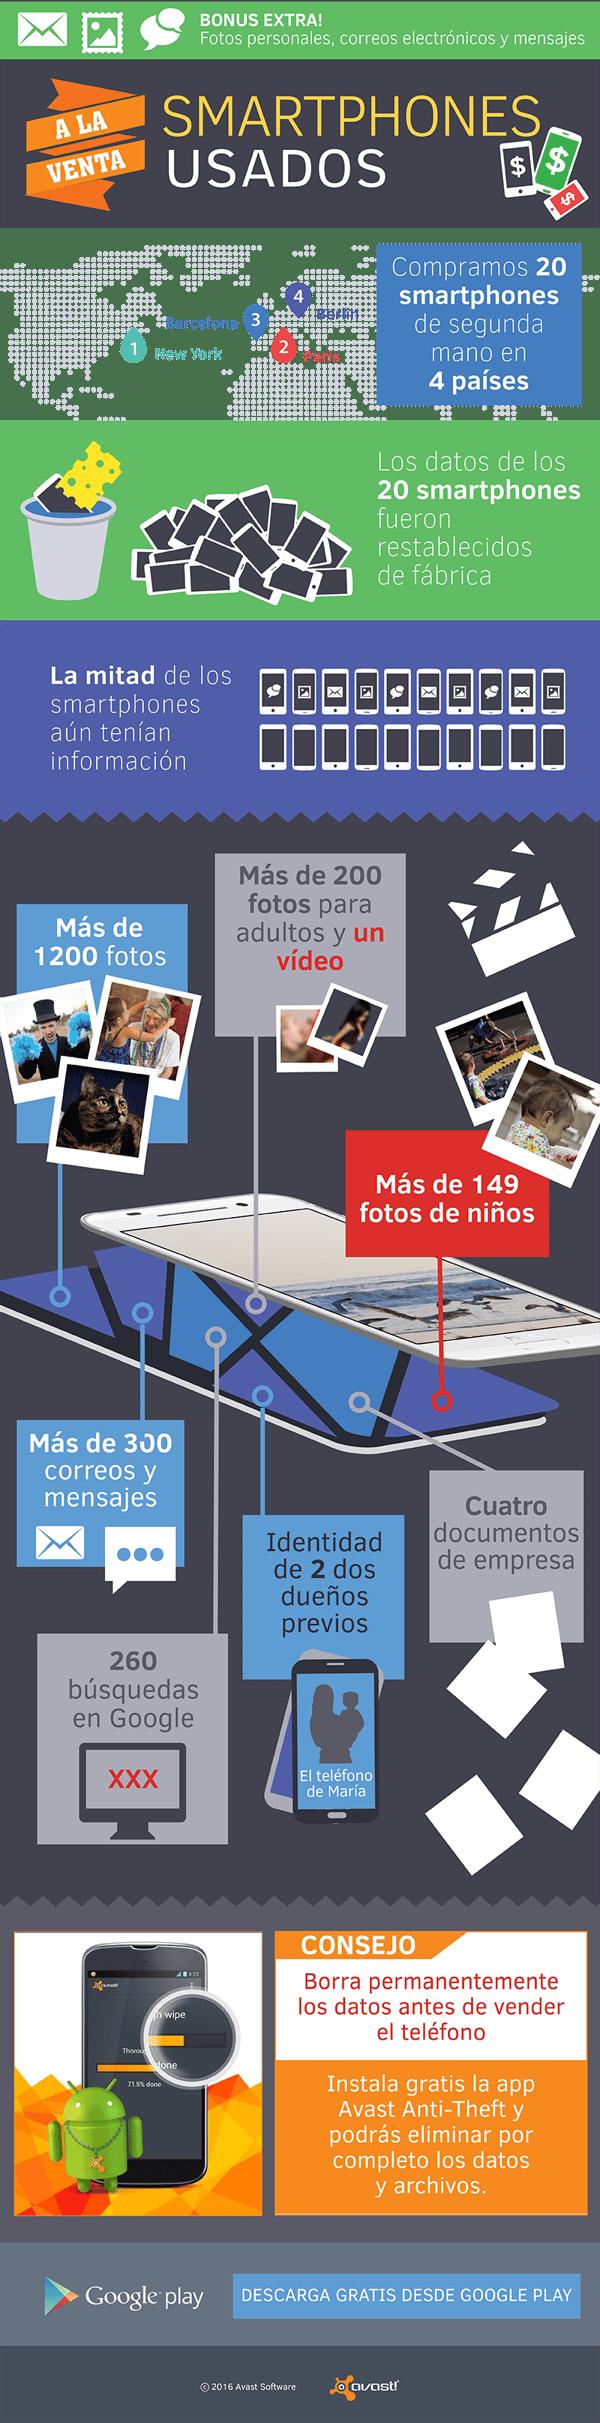 infograph_used_smartphone_st_v2-ES-ES.png